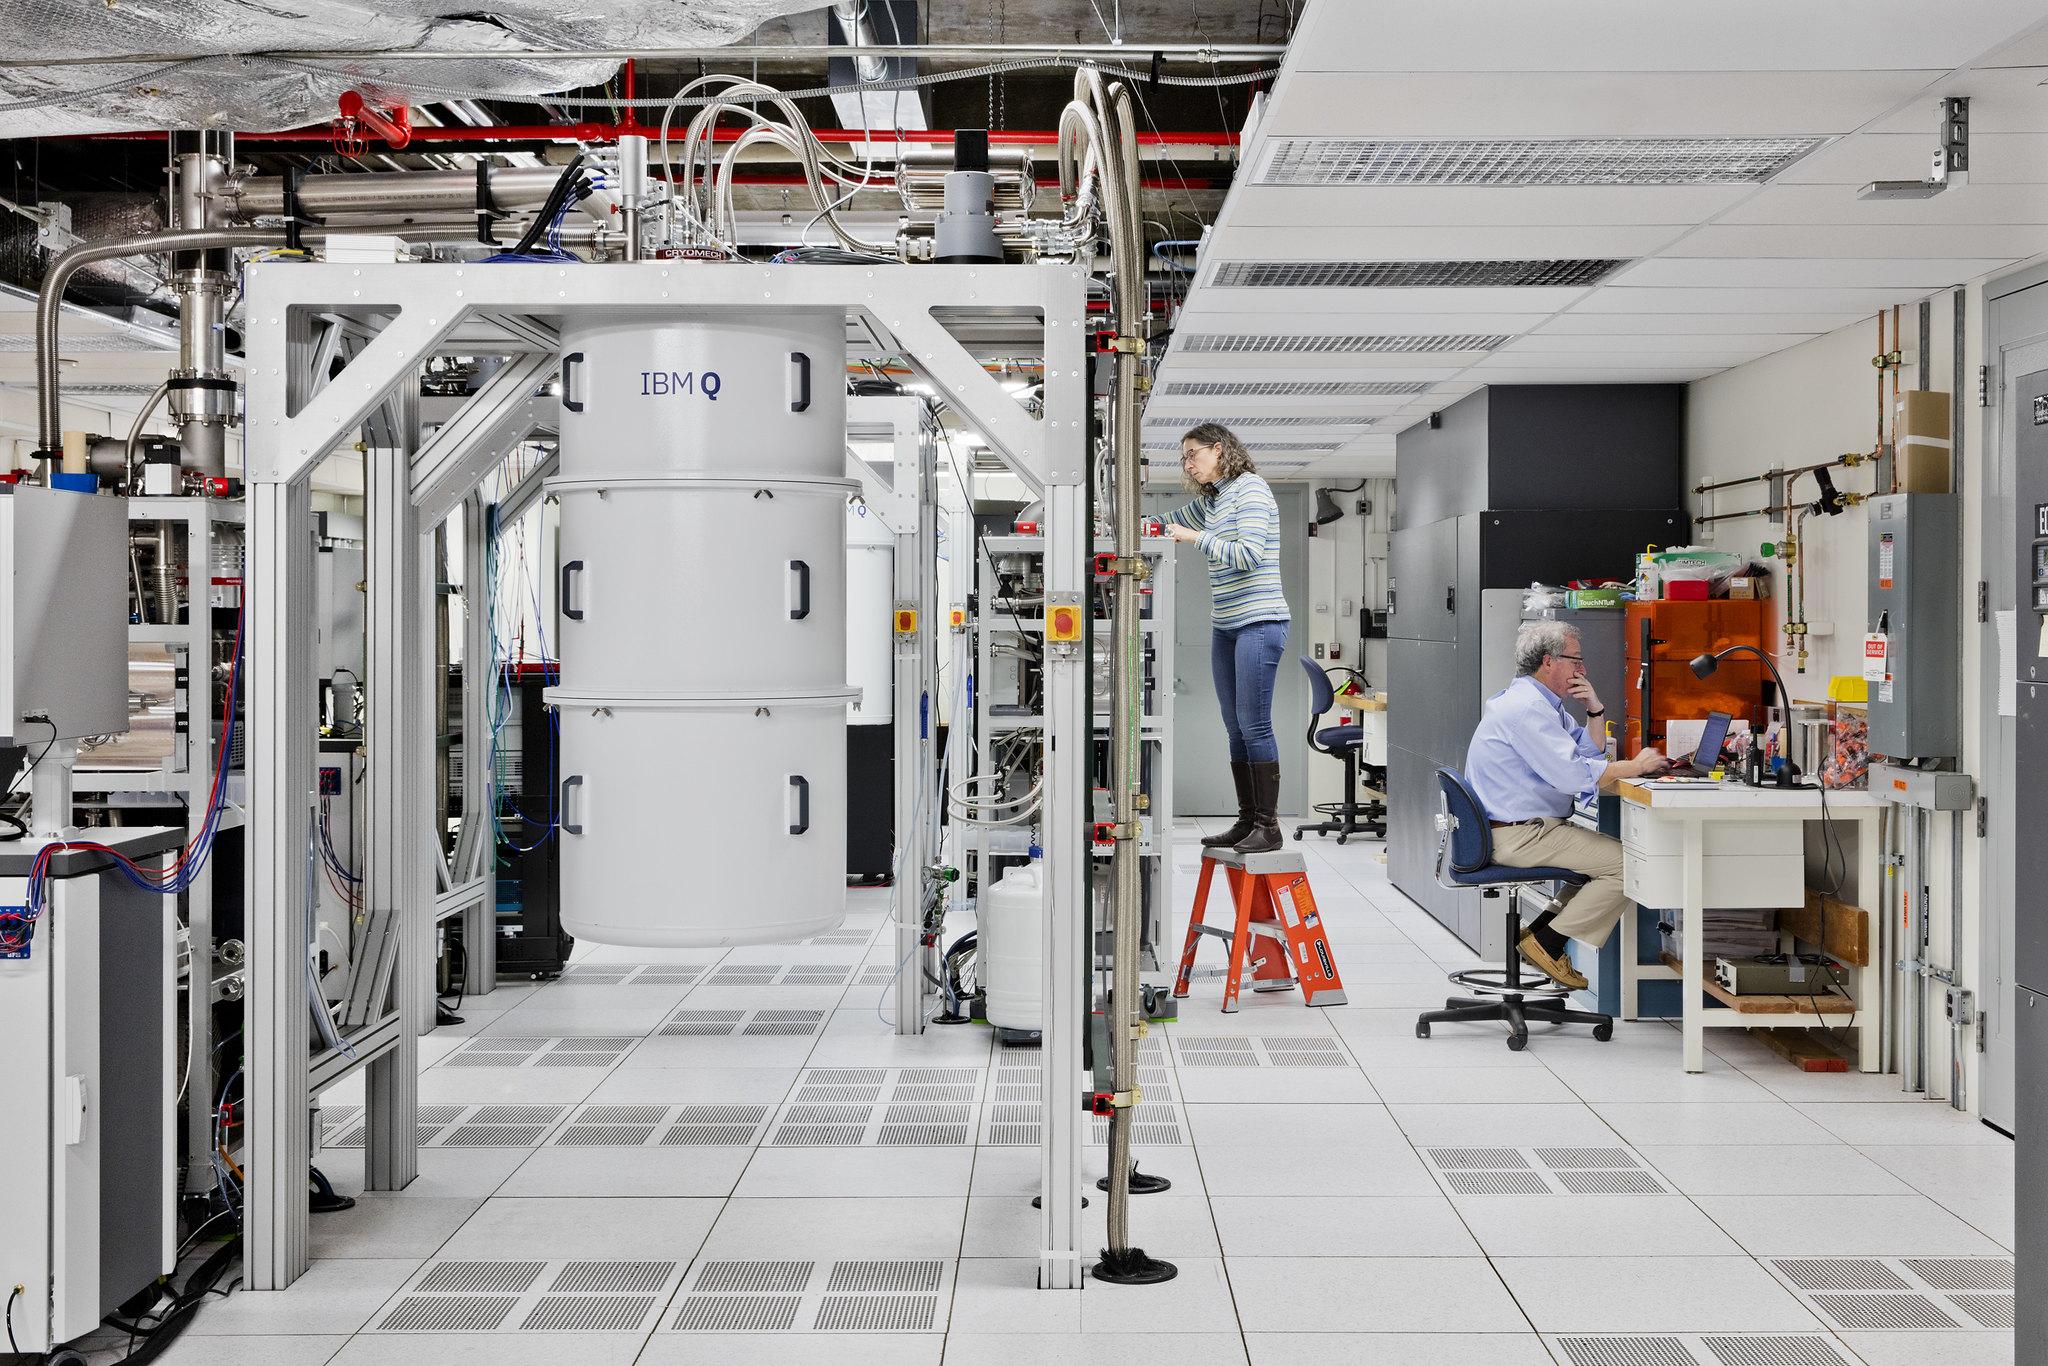 מערכות מחשוב קוונטיות של IBM במעבדה בציריך. קרדיט: באדיבות IBM Research